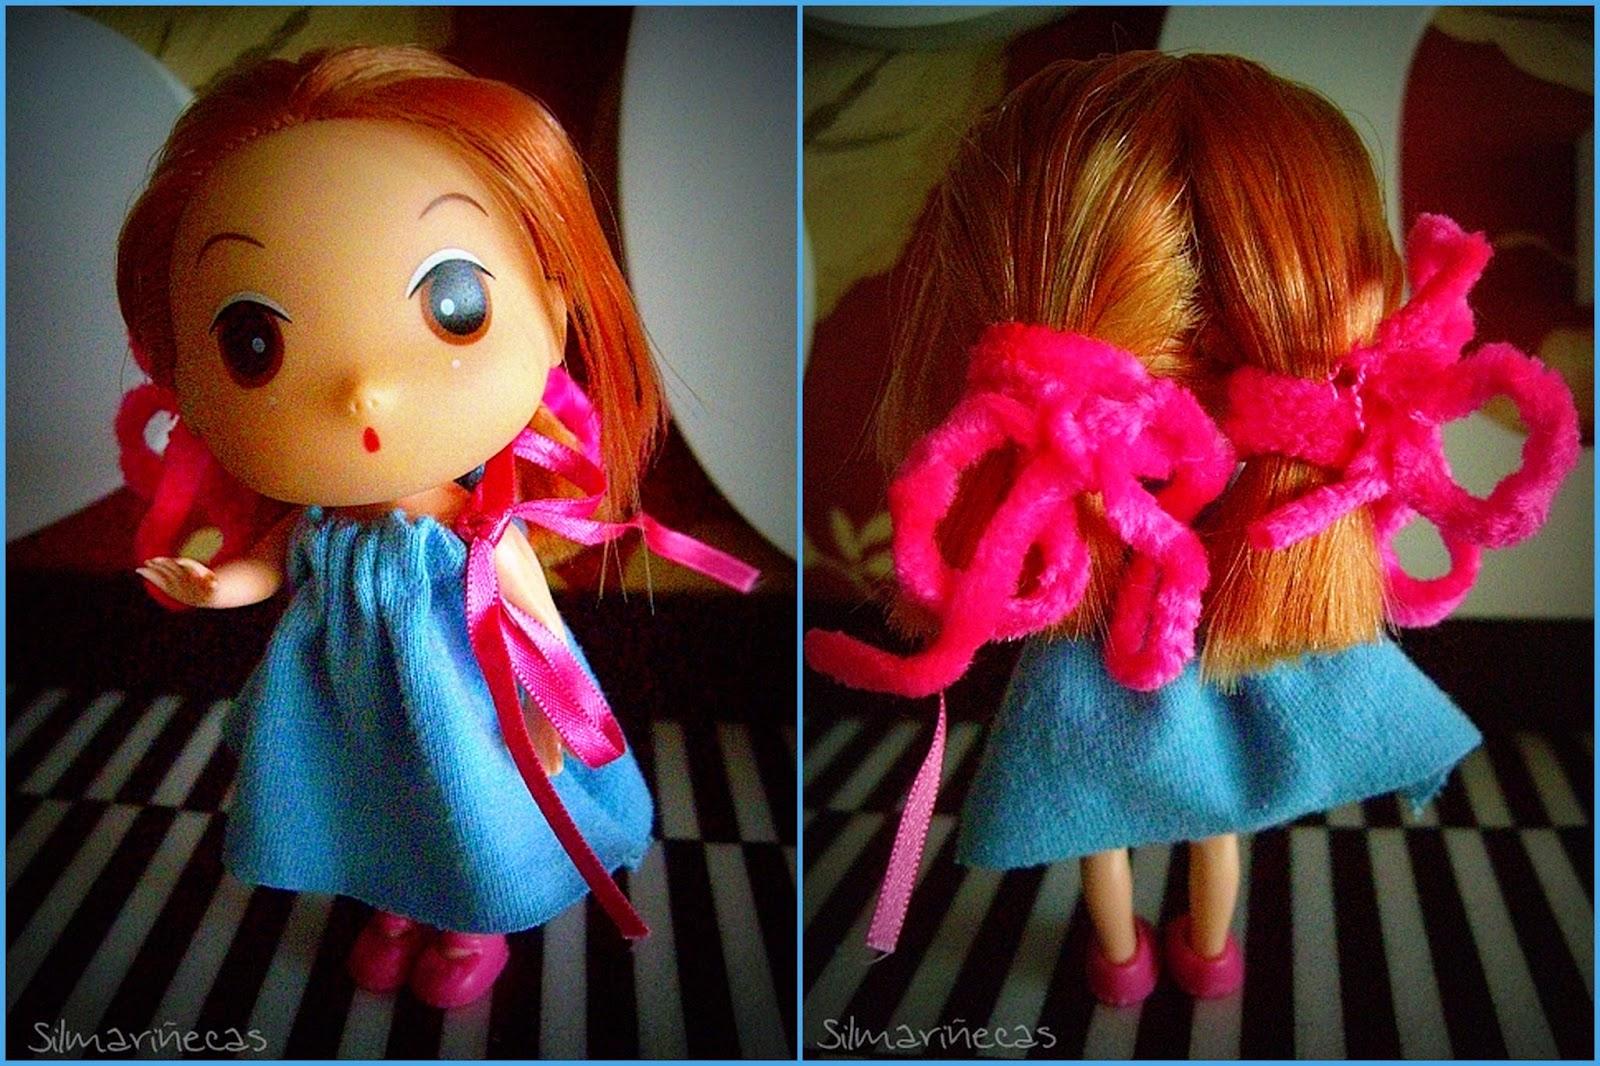 cómo hacer un vestido fácil para muñecas